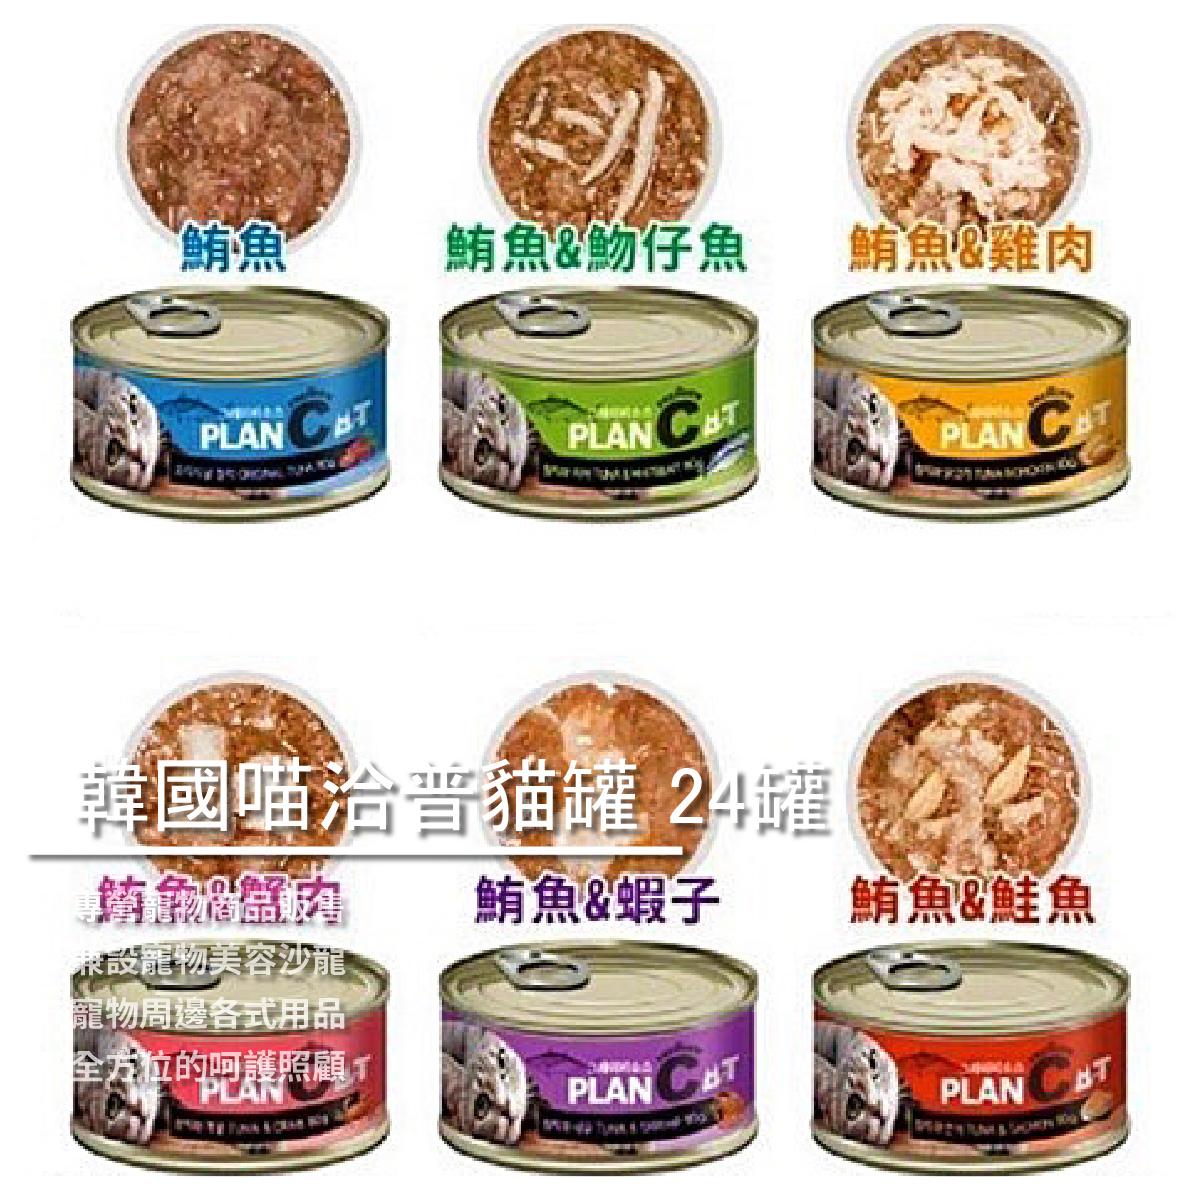 【芽比寵物 芽比生活百貨】韓國 喵洽普 貓罐 plan cat/24罐/箱/六款口味